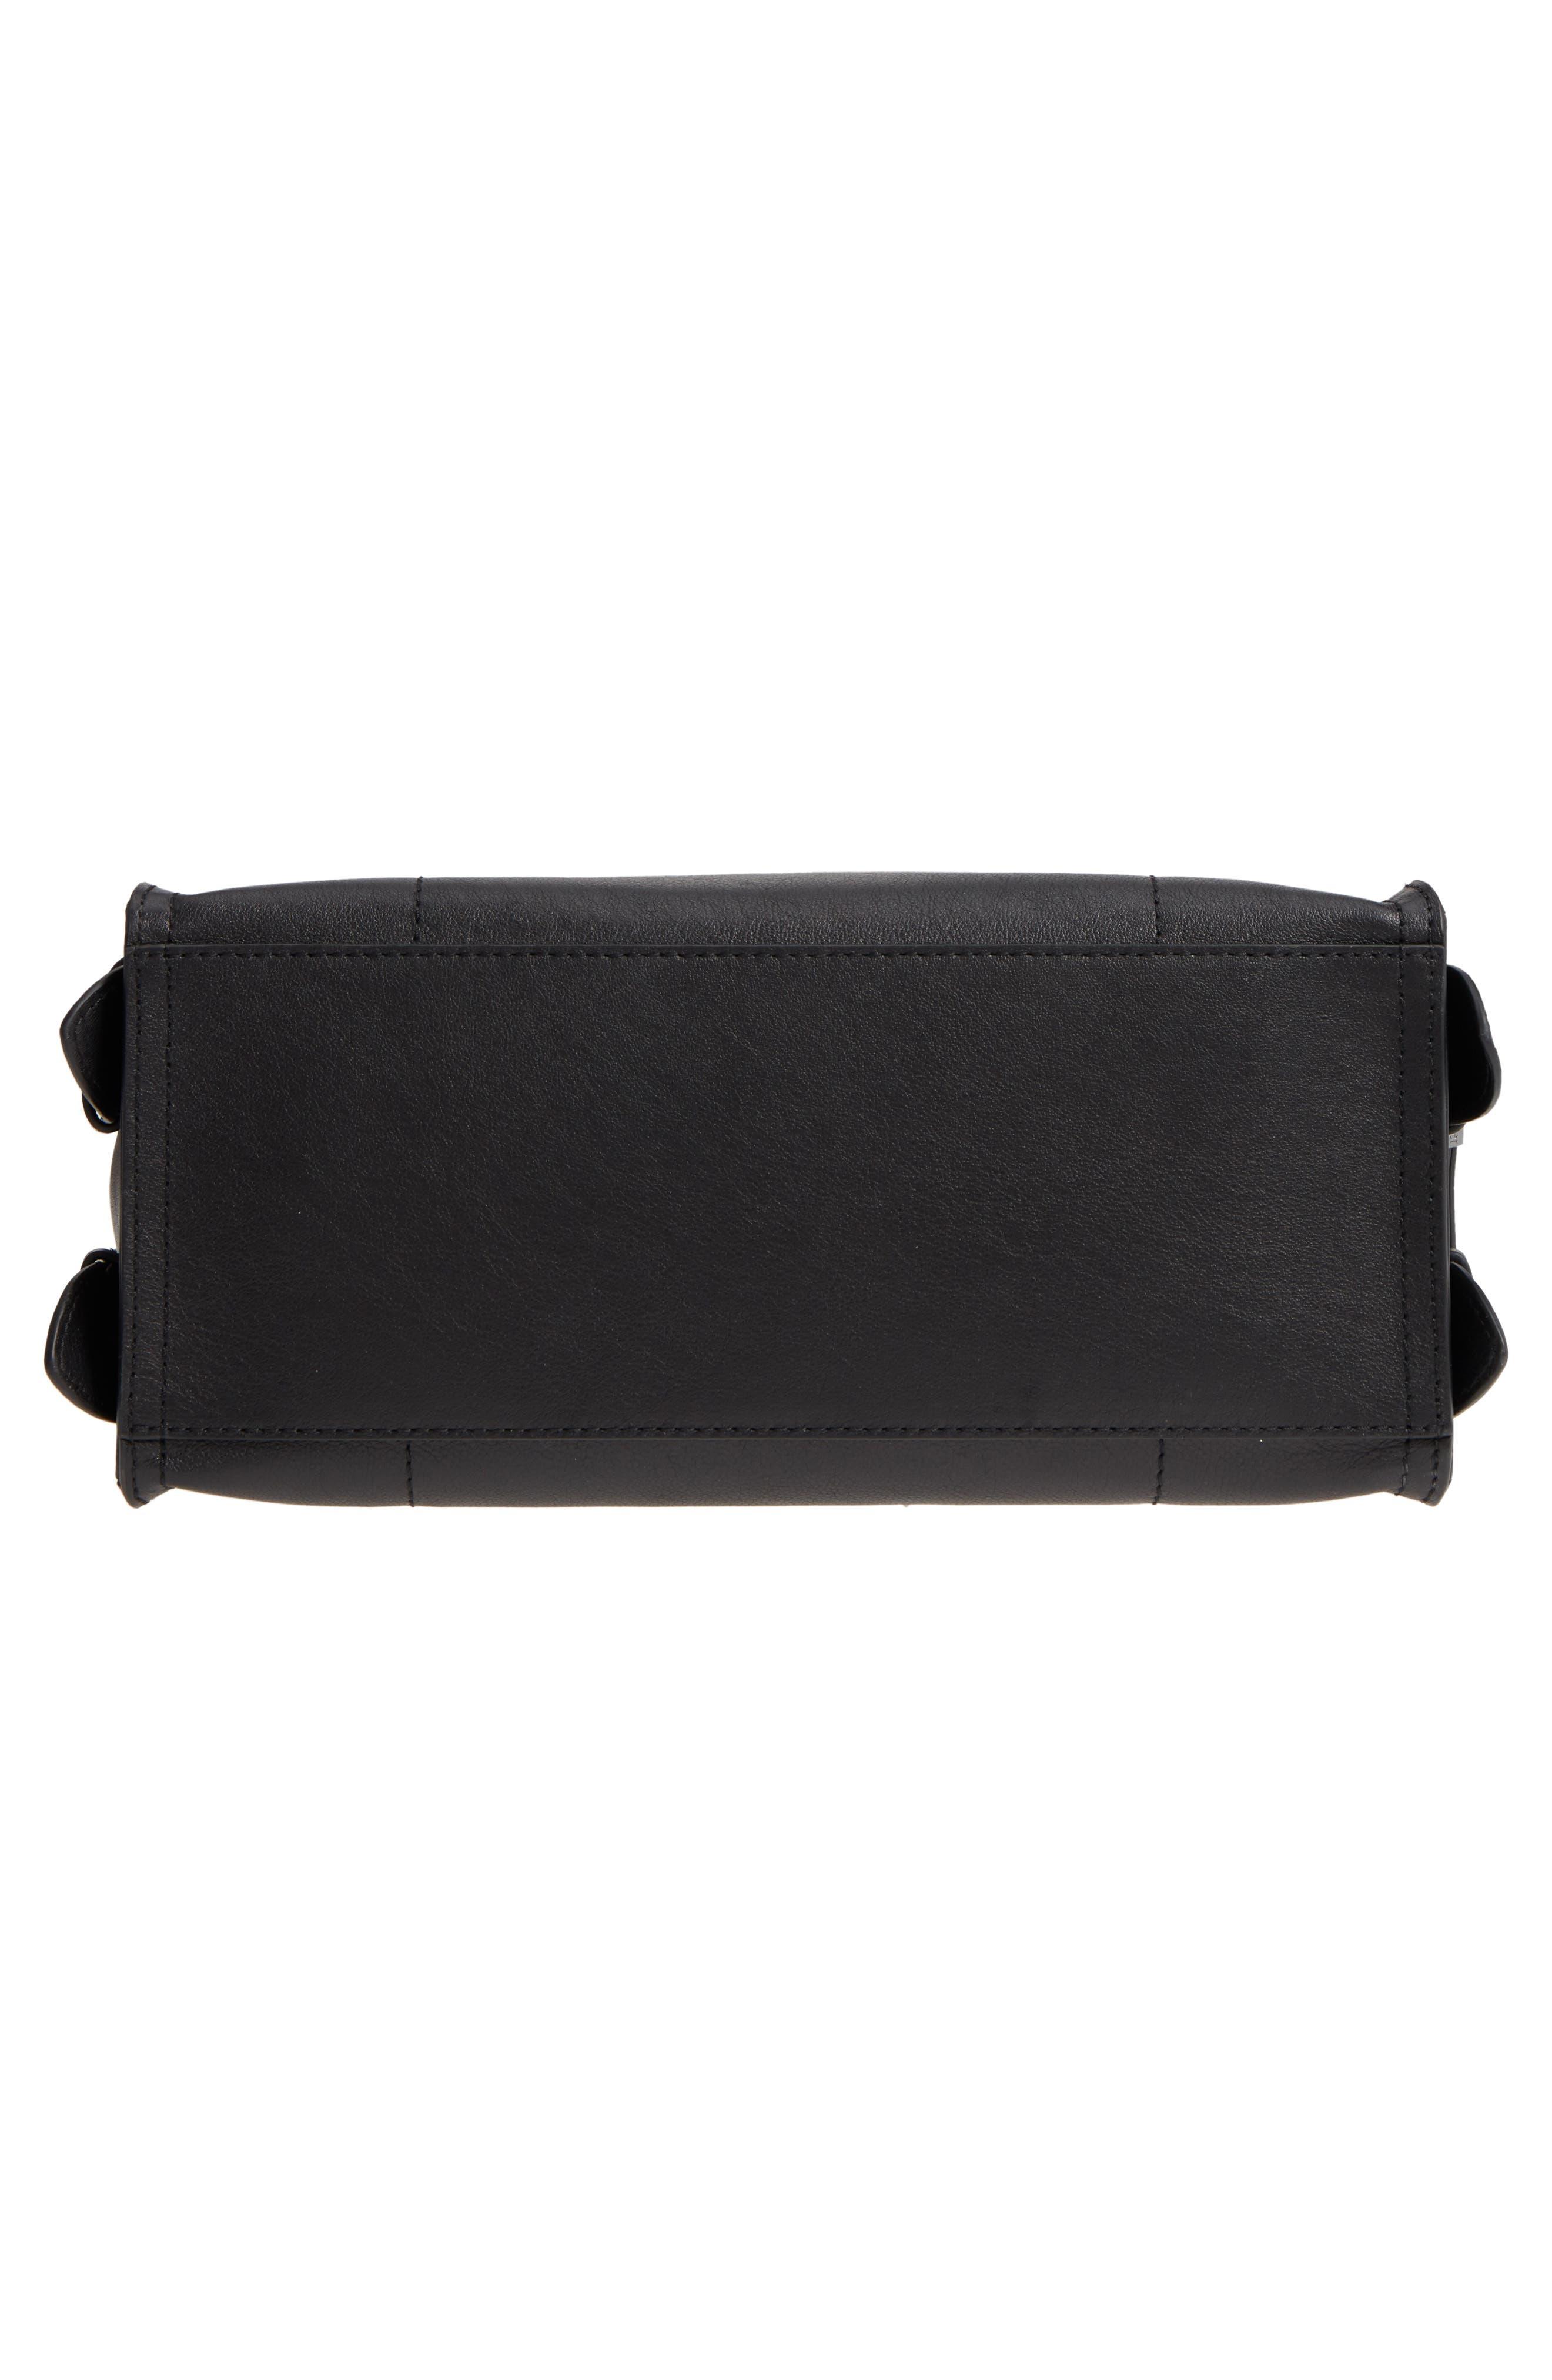 Moto Leather Top Handle Satchel,                             Alternate thumbnail 6, color,                             BLACK